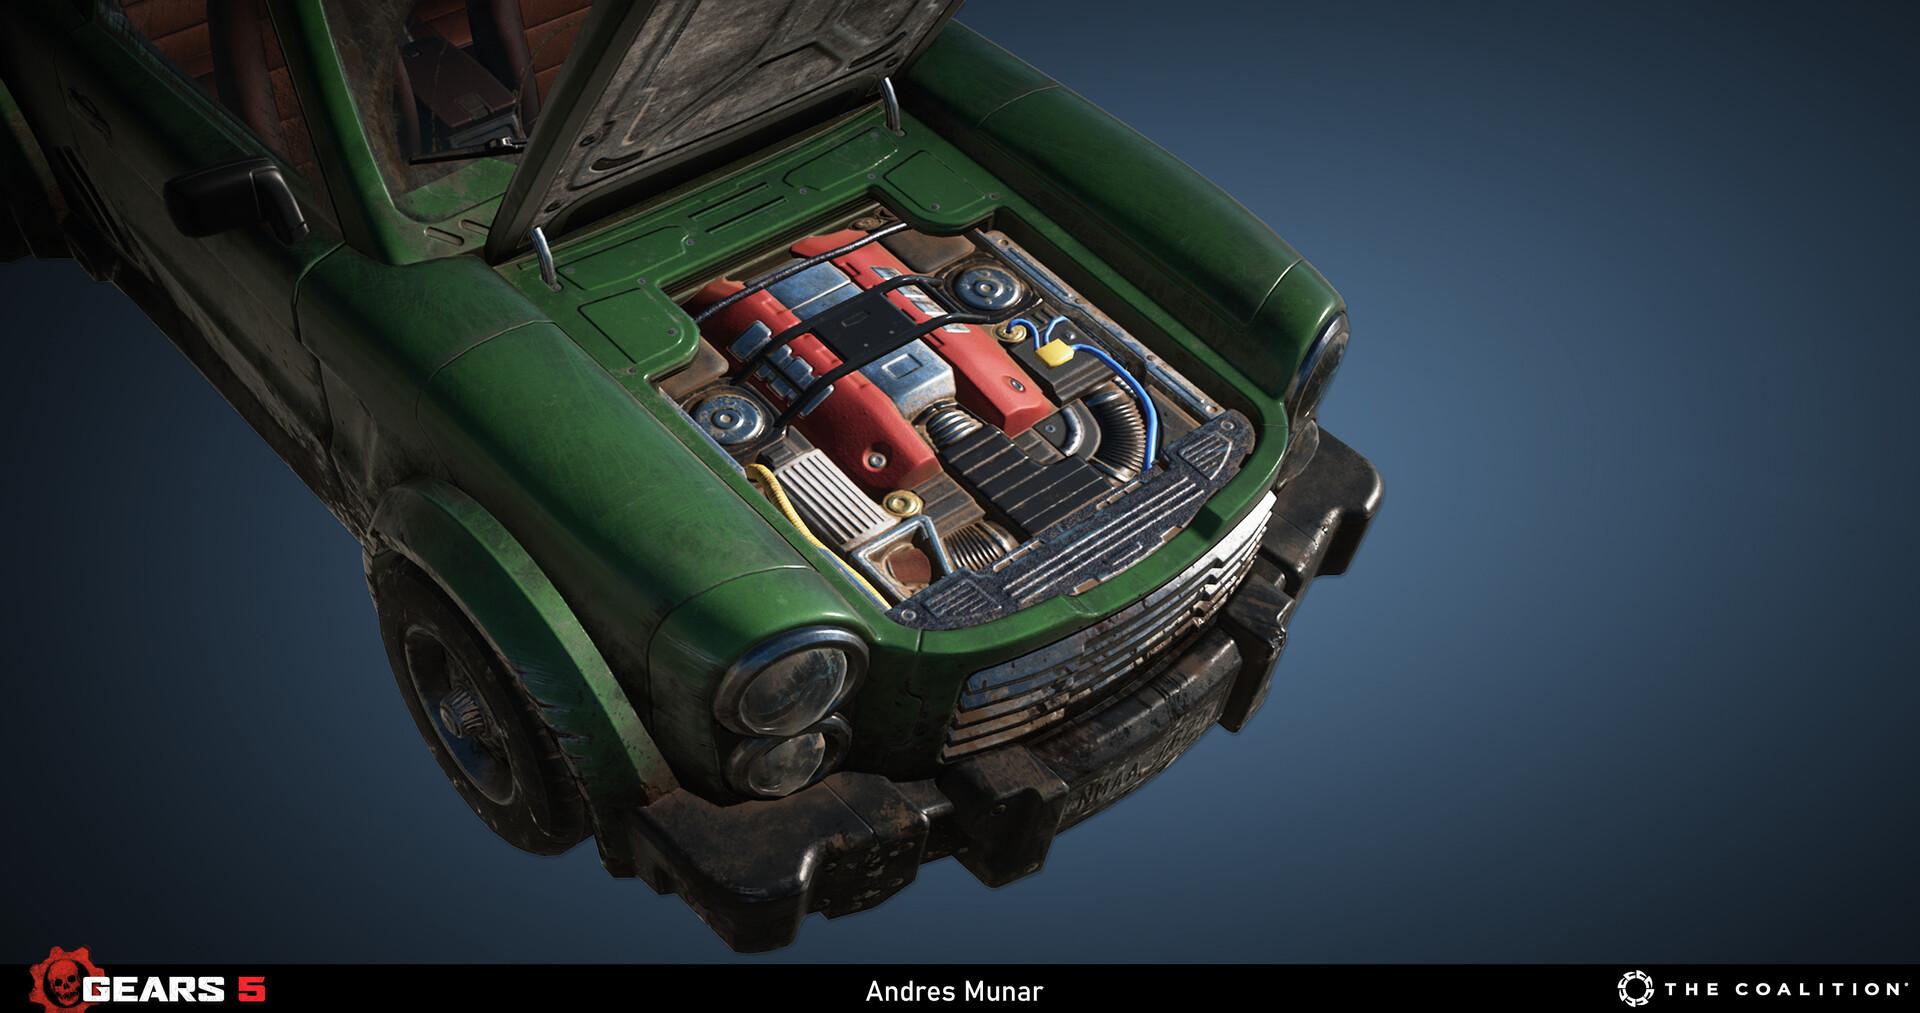 Andres munar gears5 023